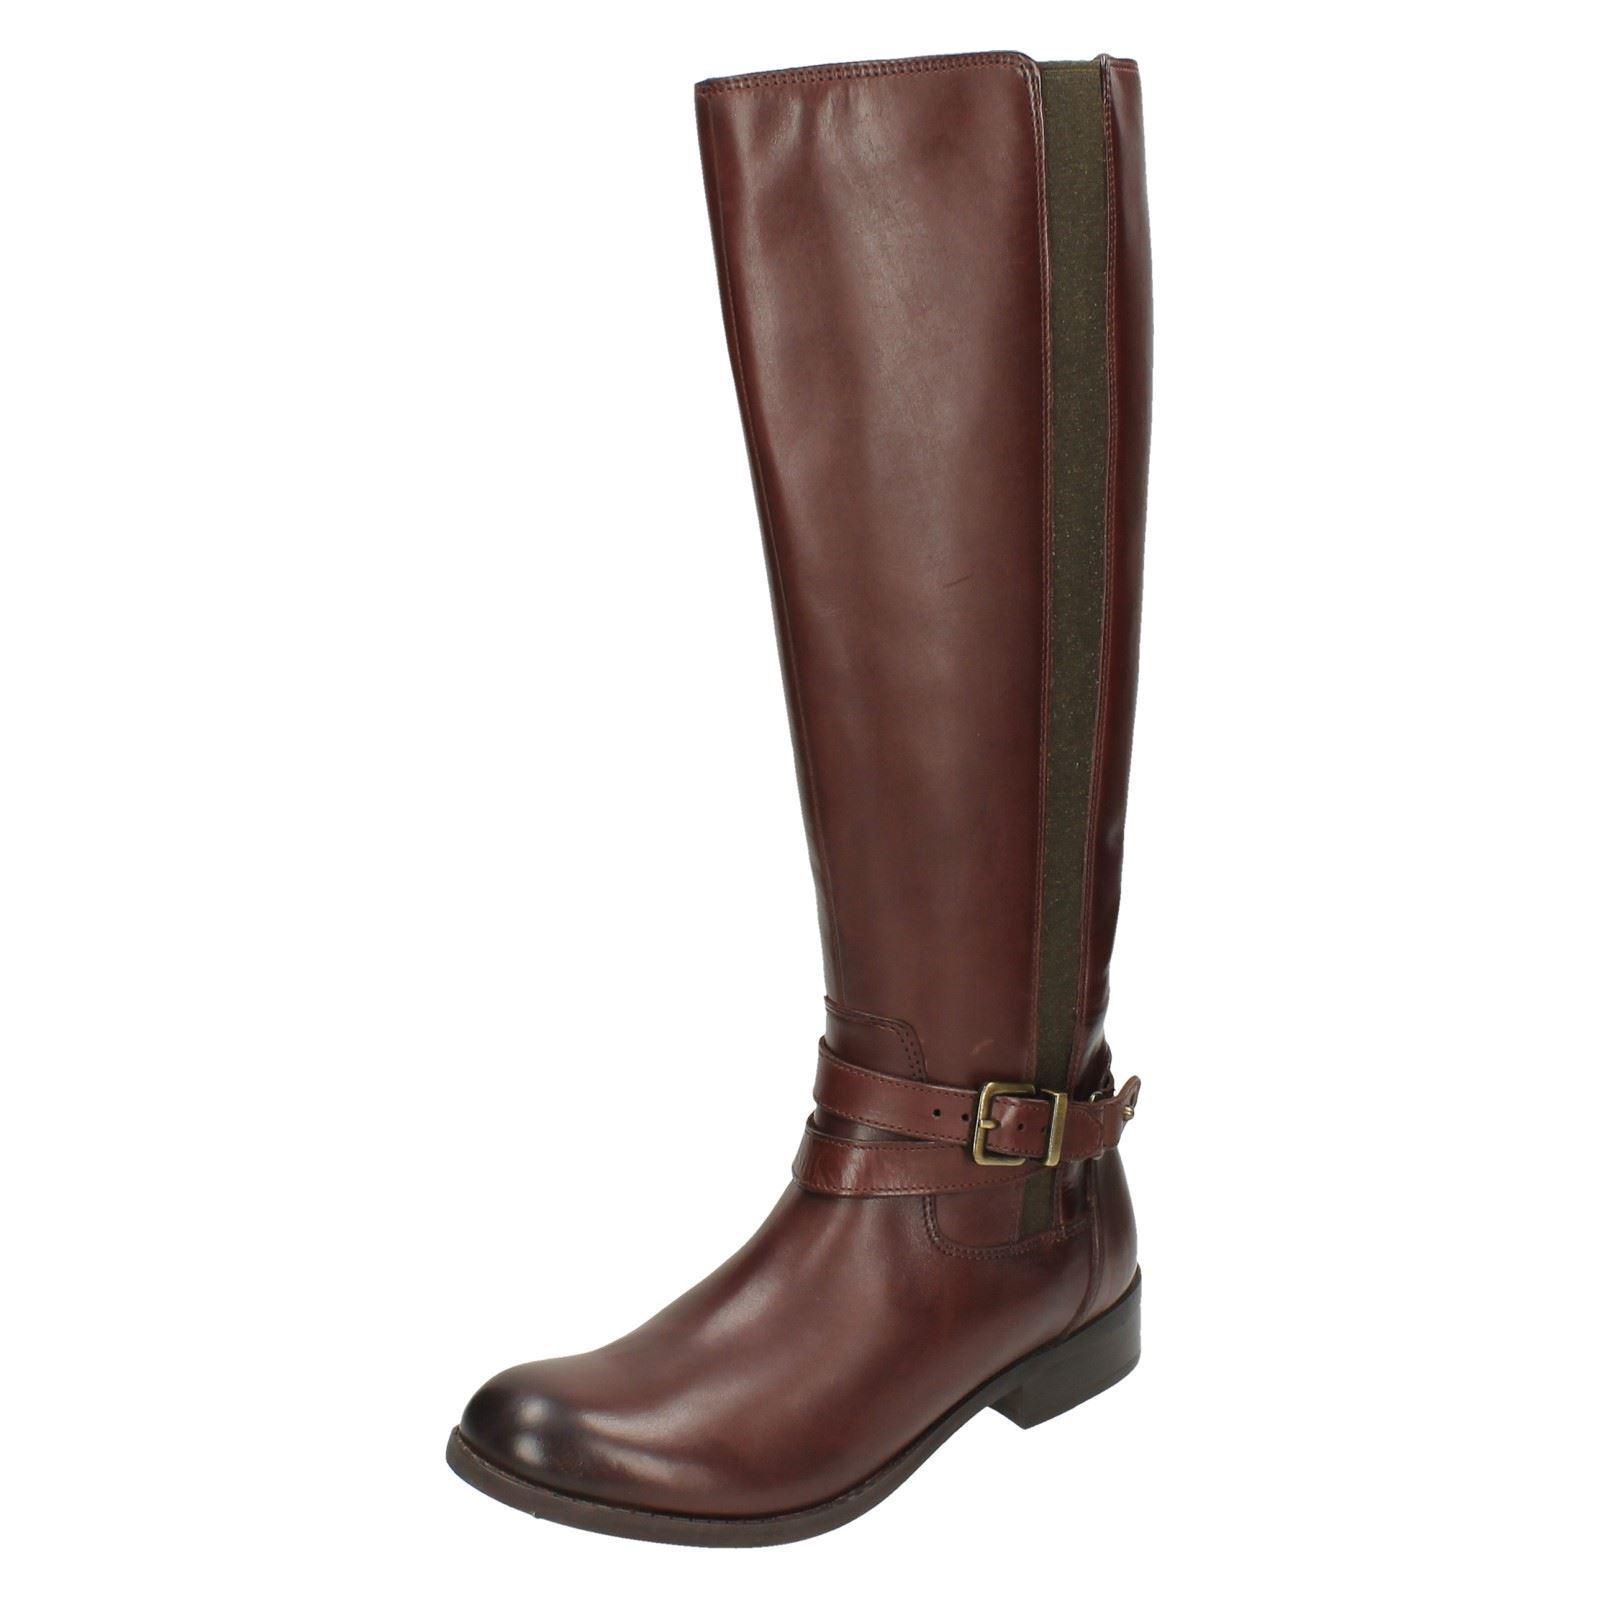 Ladies Clarks Knee High Boots Pita Vienna